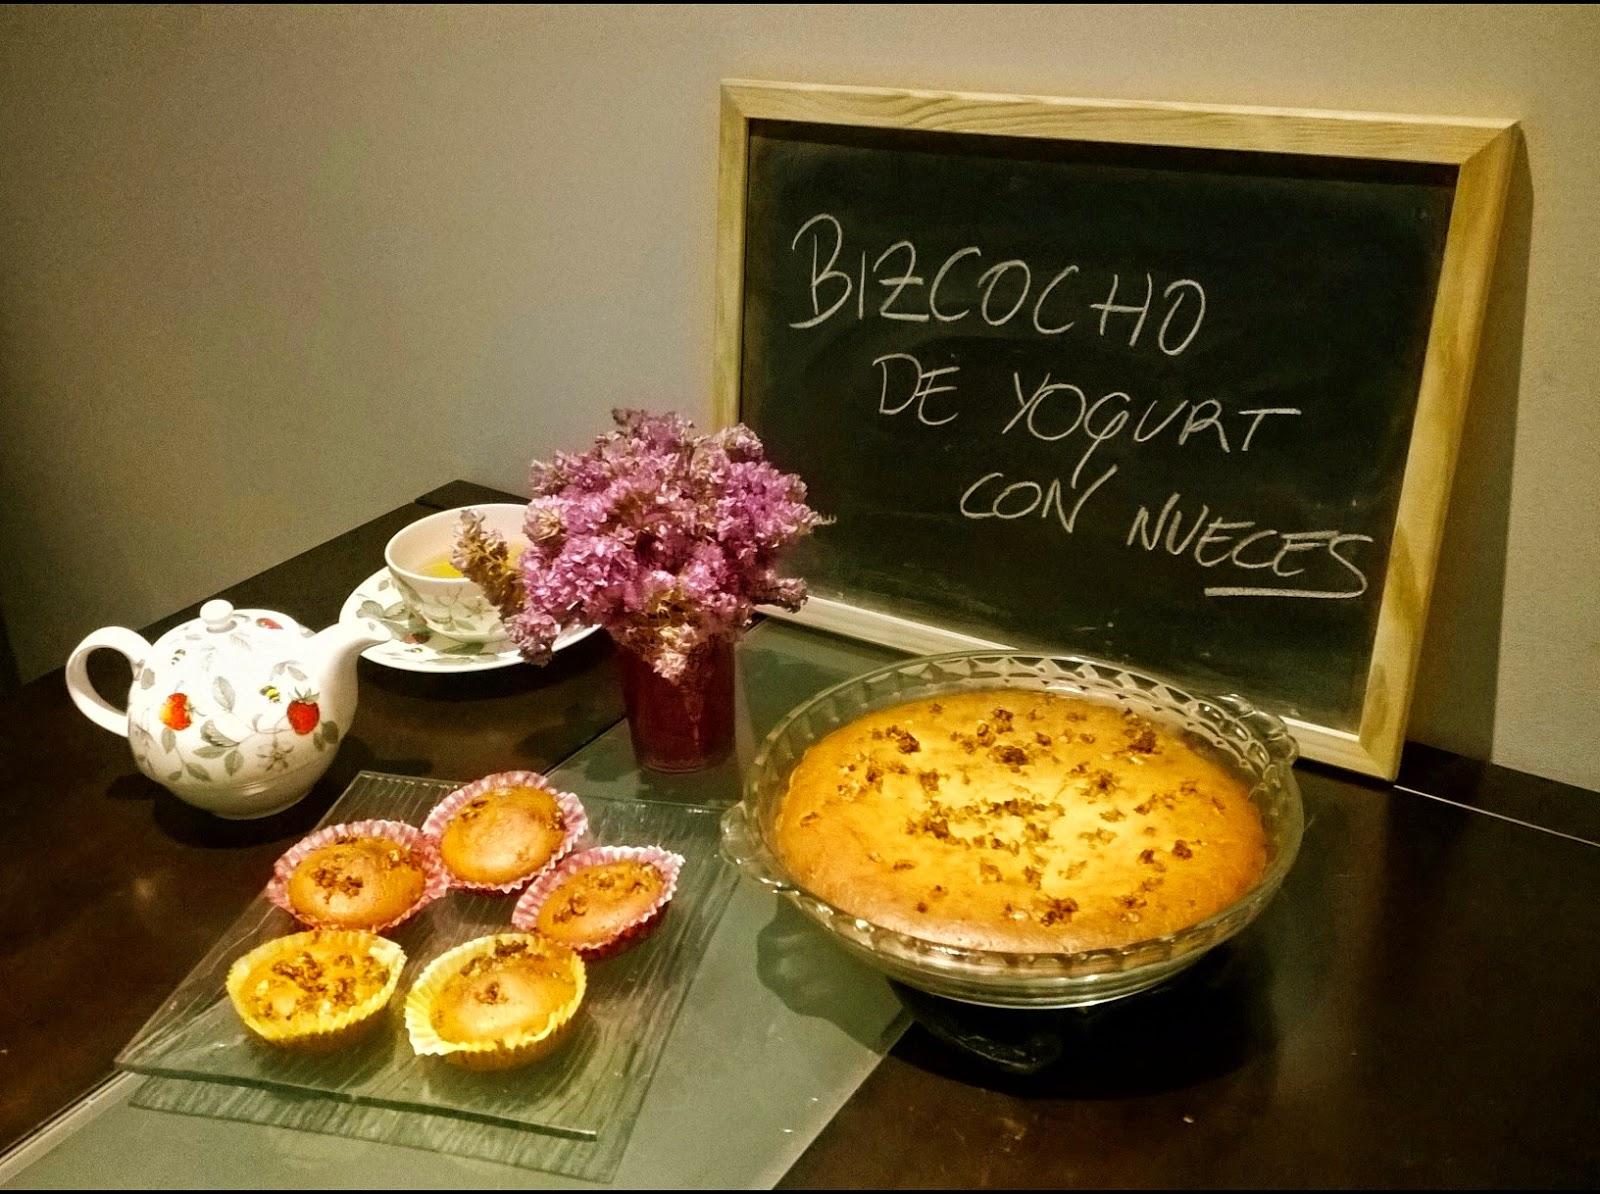 Cocina 3 generaciones bizcocho de yogourt con nueces for Cocina con sergio bizcocho